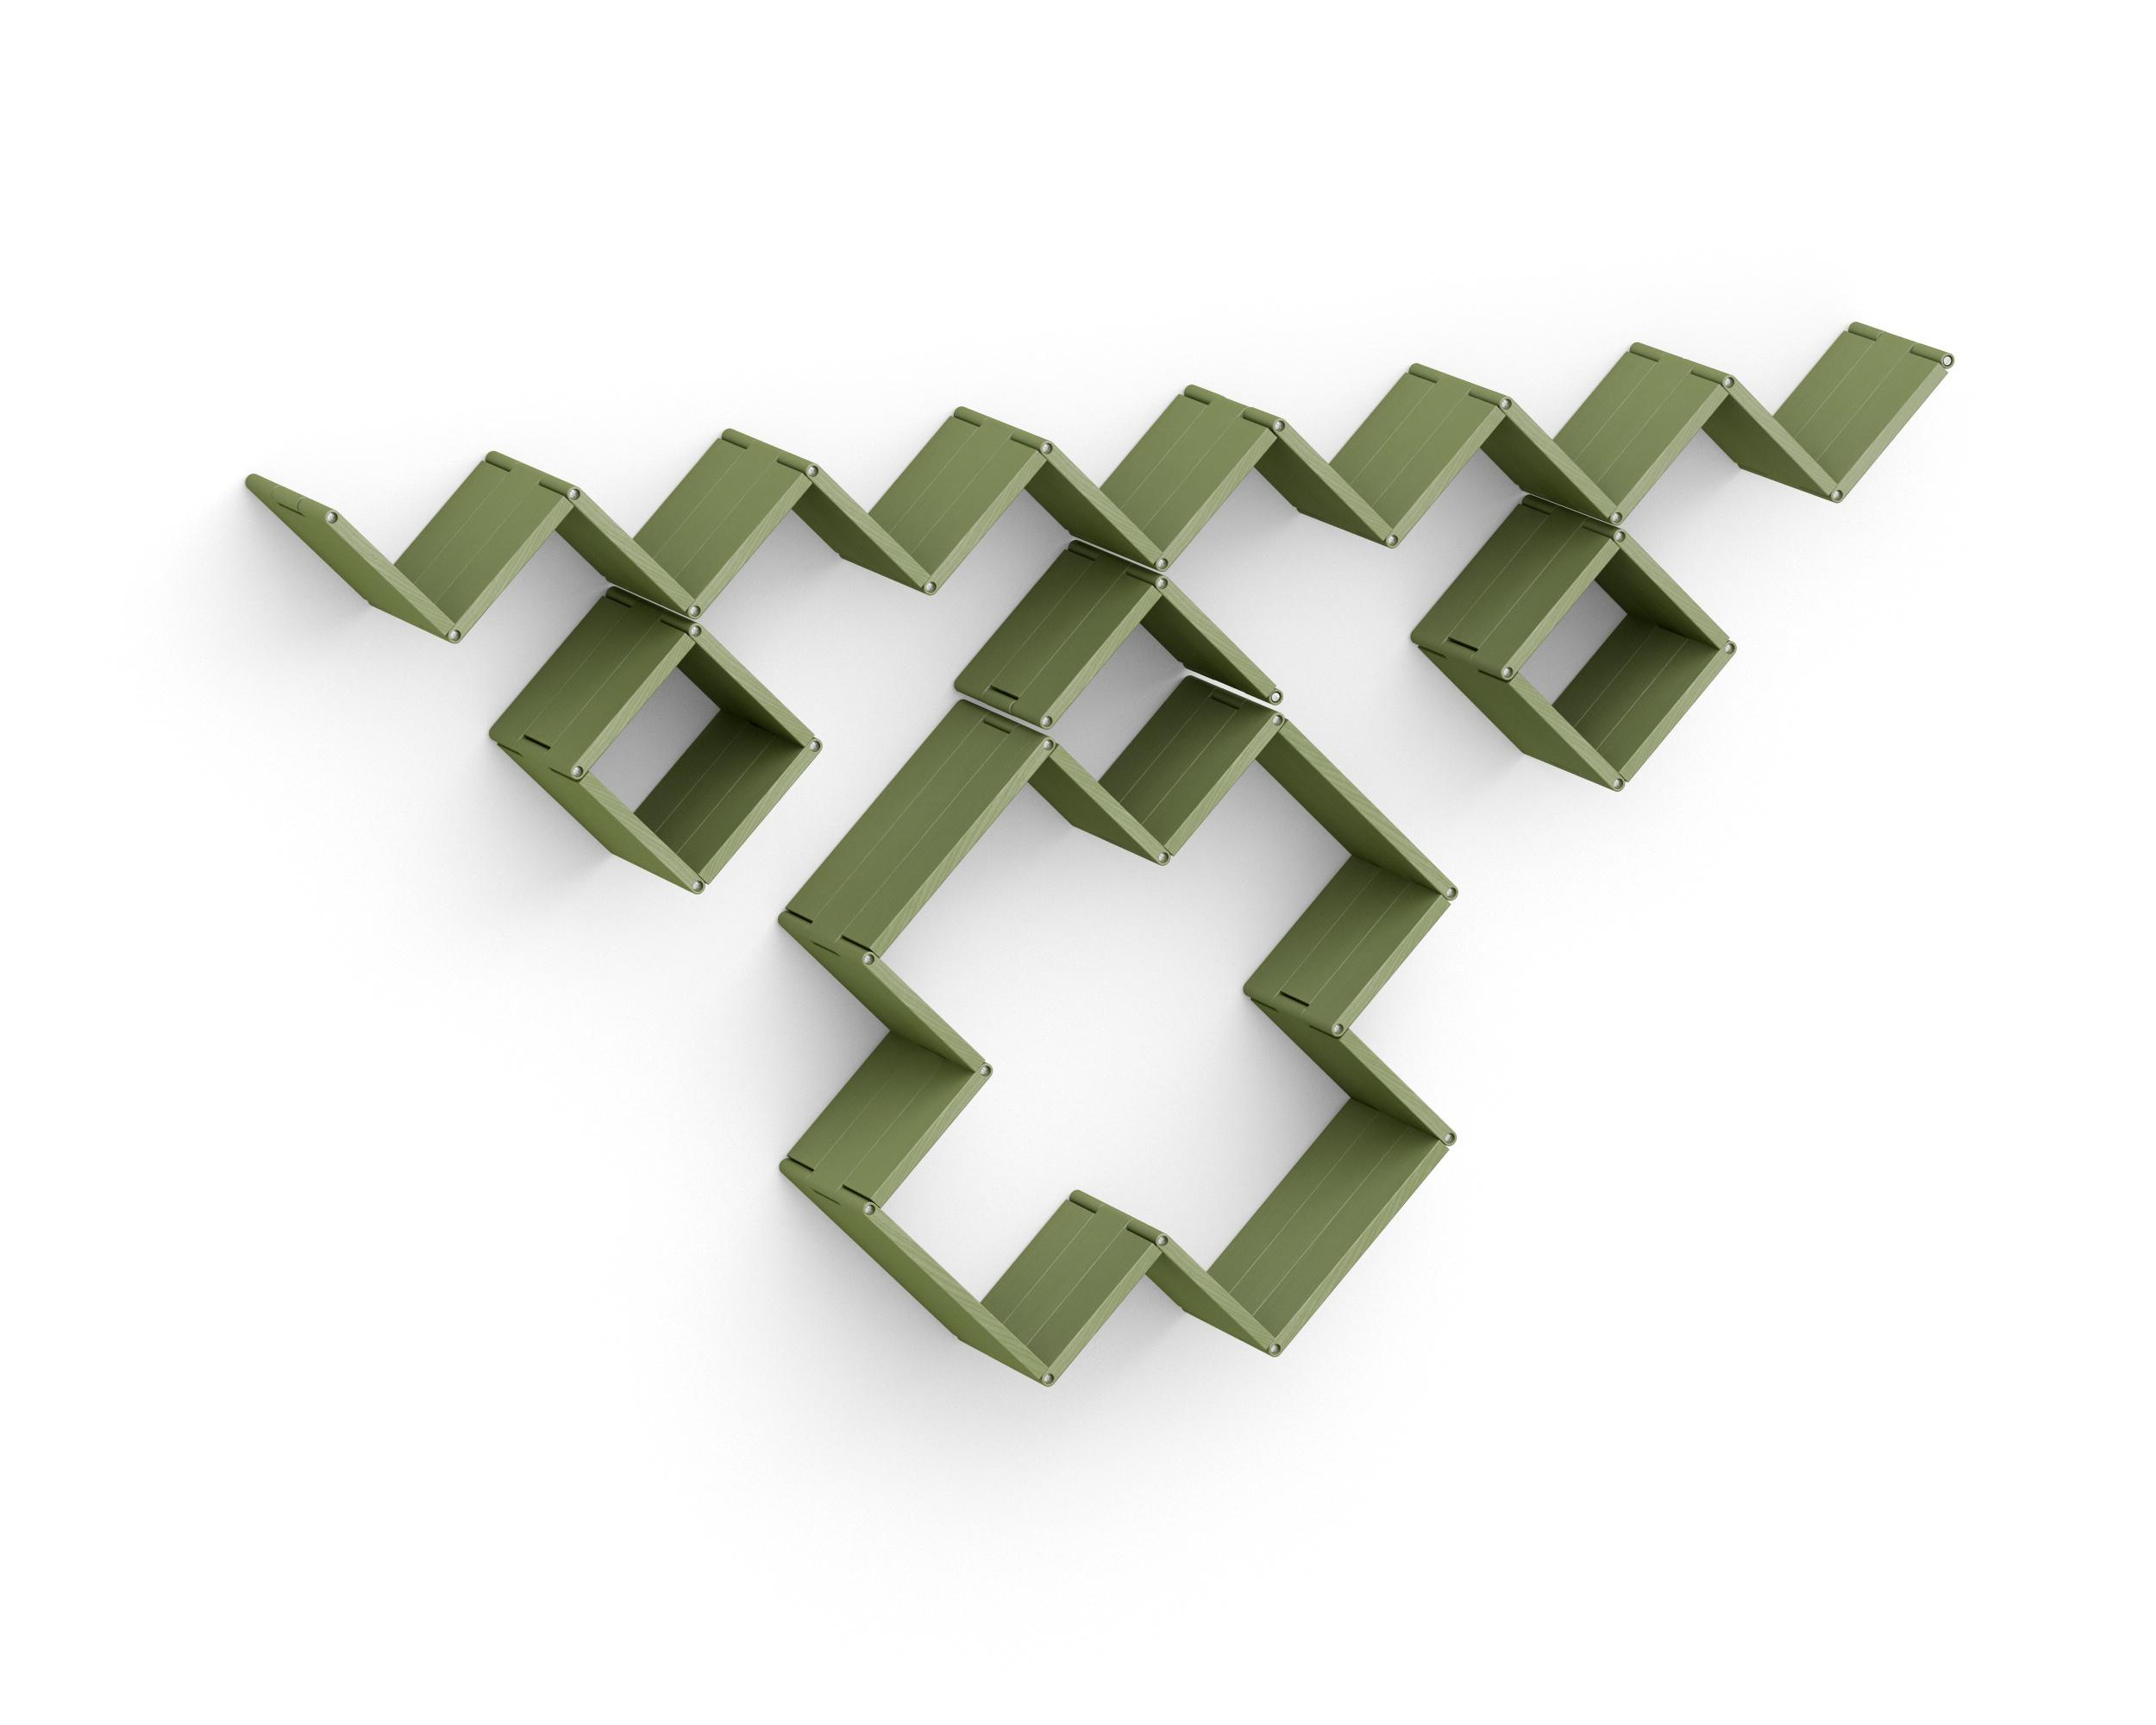 Полка-конструктор LATITUDE Flex Shelf set 177Полки<br>&amp;quot;Latitude Flex Shelf Set 177&amp;quot; ? абстракция, которая завораживает и манит. Сделать ее еще более притягательной ? в ваших силах. Деревянную конструкцию, оснащенную современными креплениями, вы можете собирать в том порядке, который придется вам по душе. Это значит, что ничто не ограничивает вашу фантазию! Кроме окружающего пространства, оформления которого стоит придерживаться. Эклектичные скандинавские интерьеры с таким &amp;quot;конструктором&amp;quot; точно будут смотреться прекрасно.<br><br>Material: Ясень<br>Width см: 200<br>Depth см: 22<br>Height см: 105